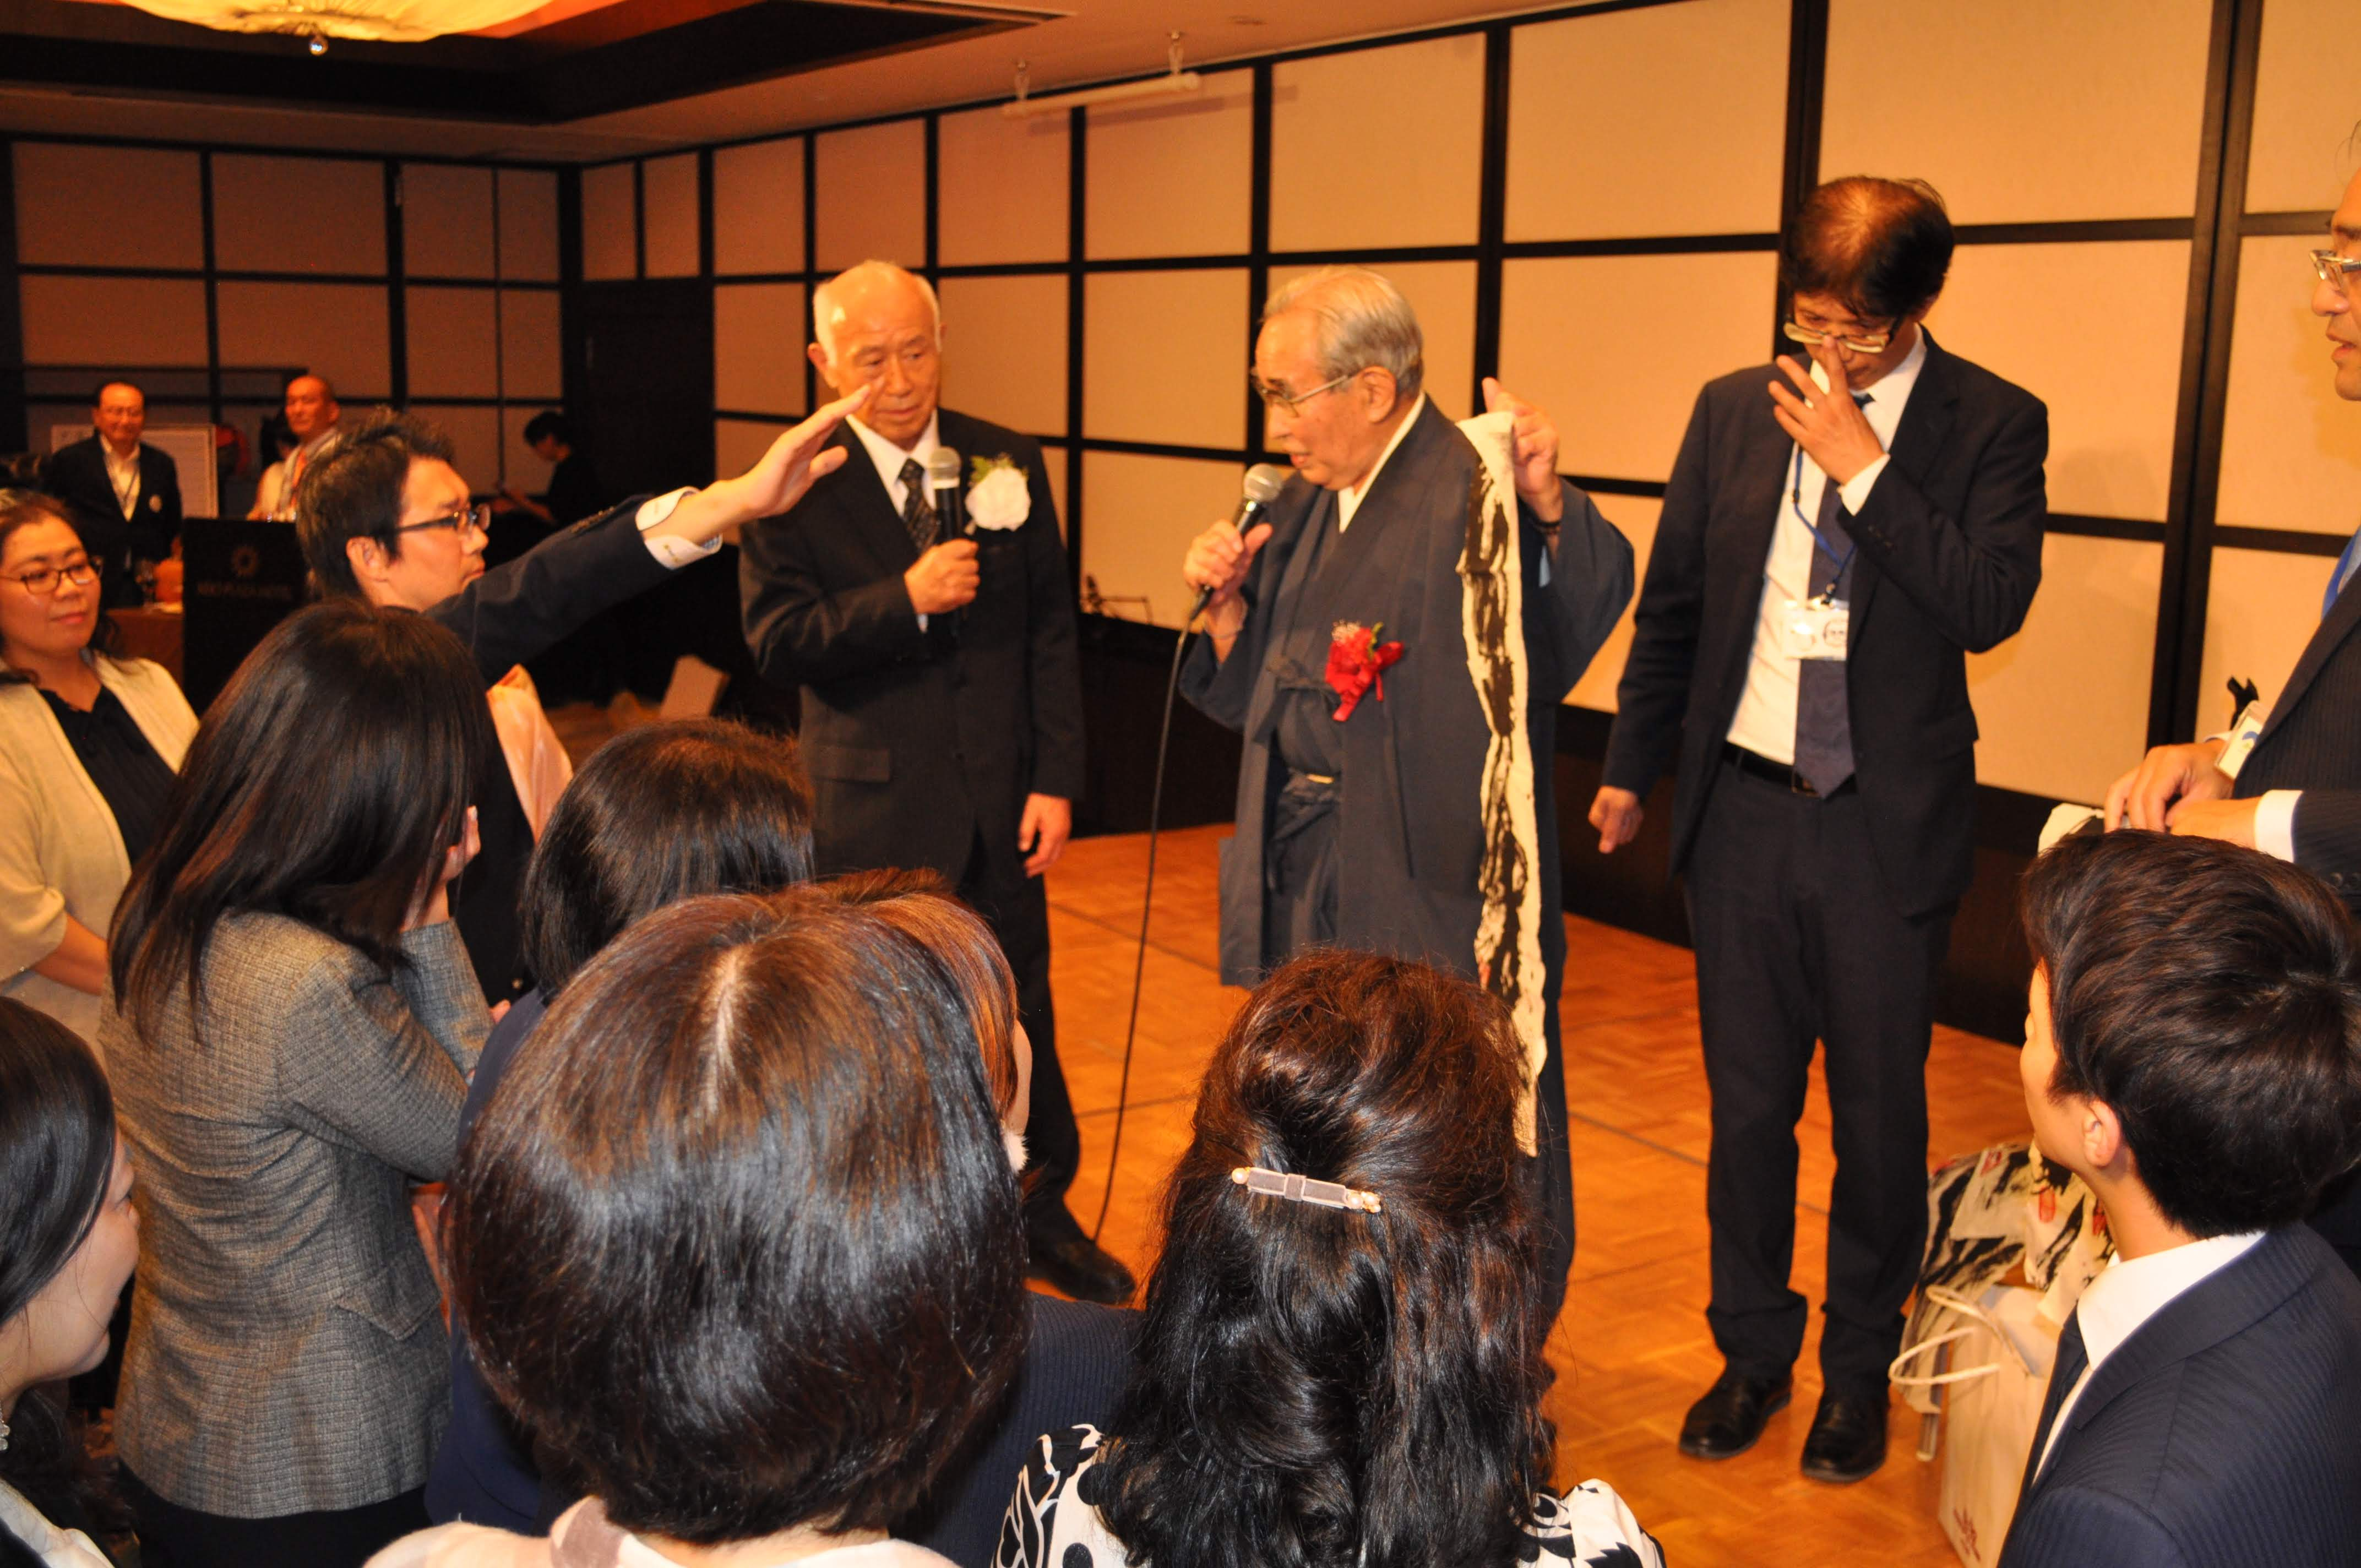 DSC 0575 1 - 思風会全国大会in広島